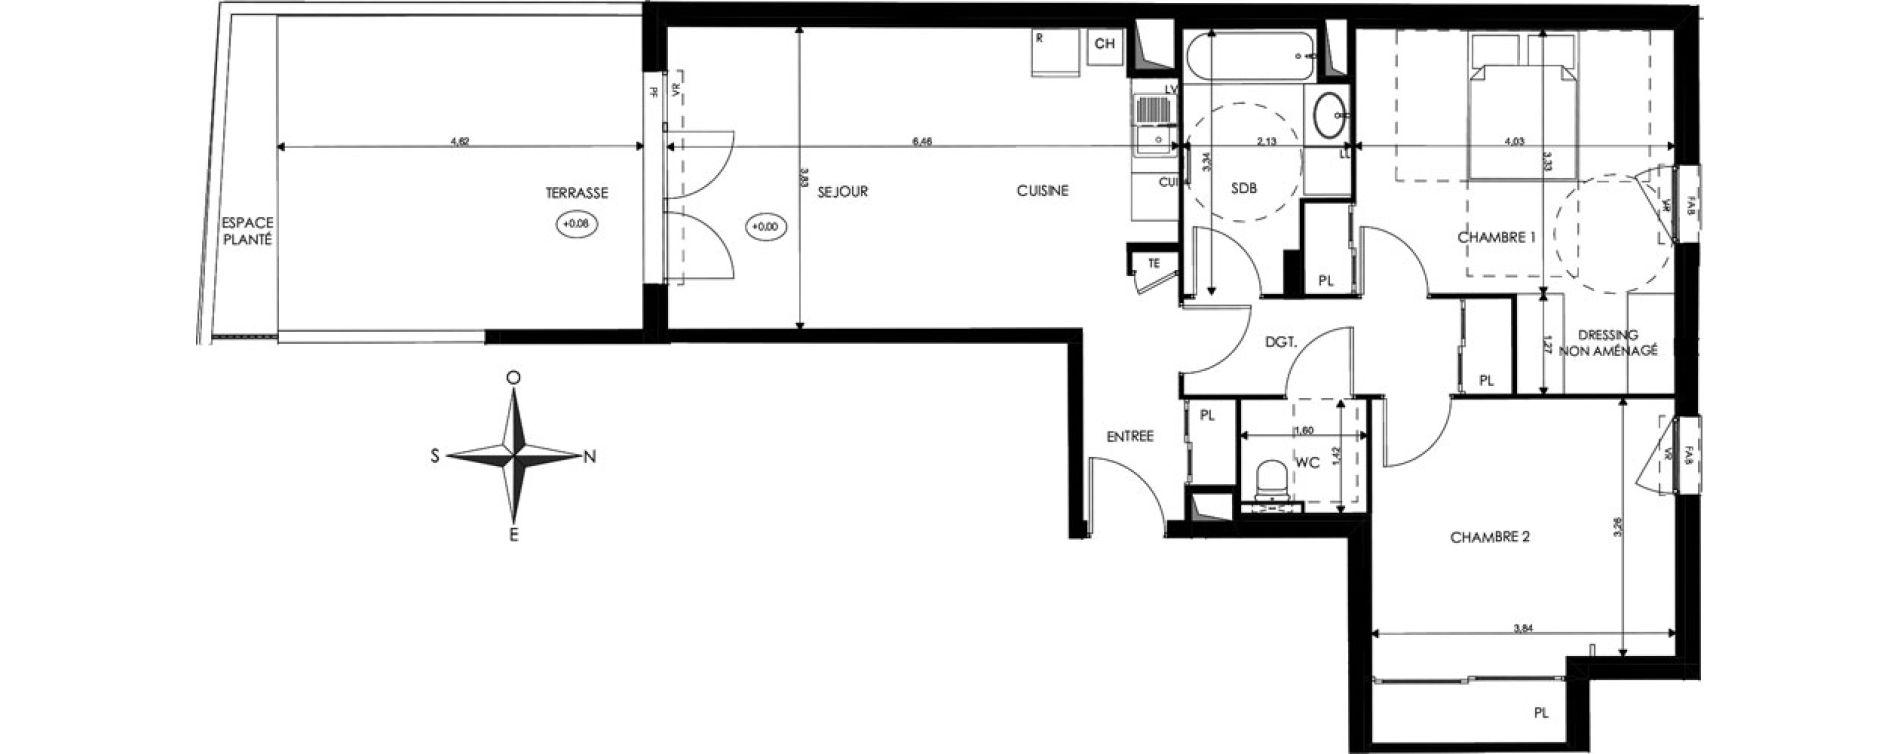 Appartement T3 de 73,02 m2 à Saint-Priest Revaison